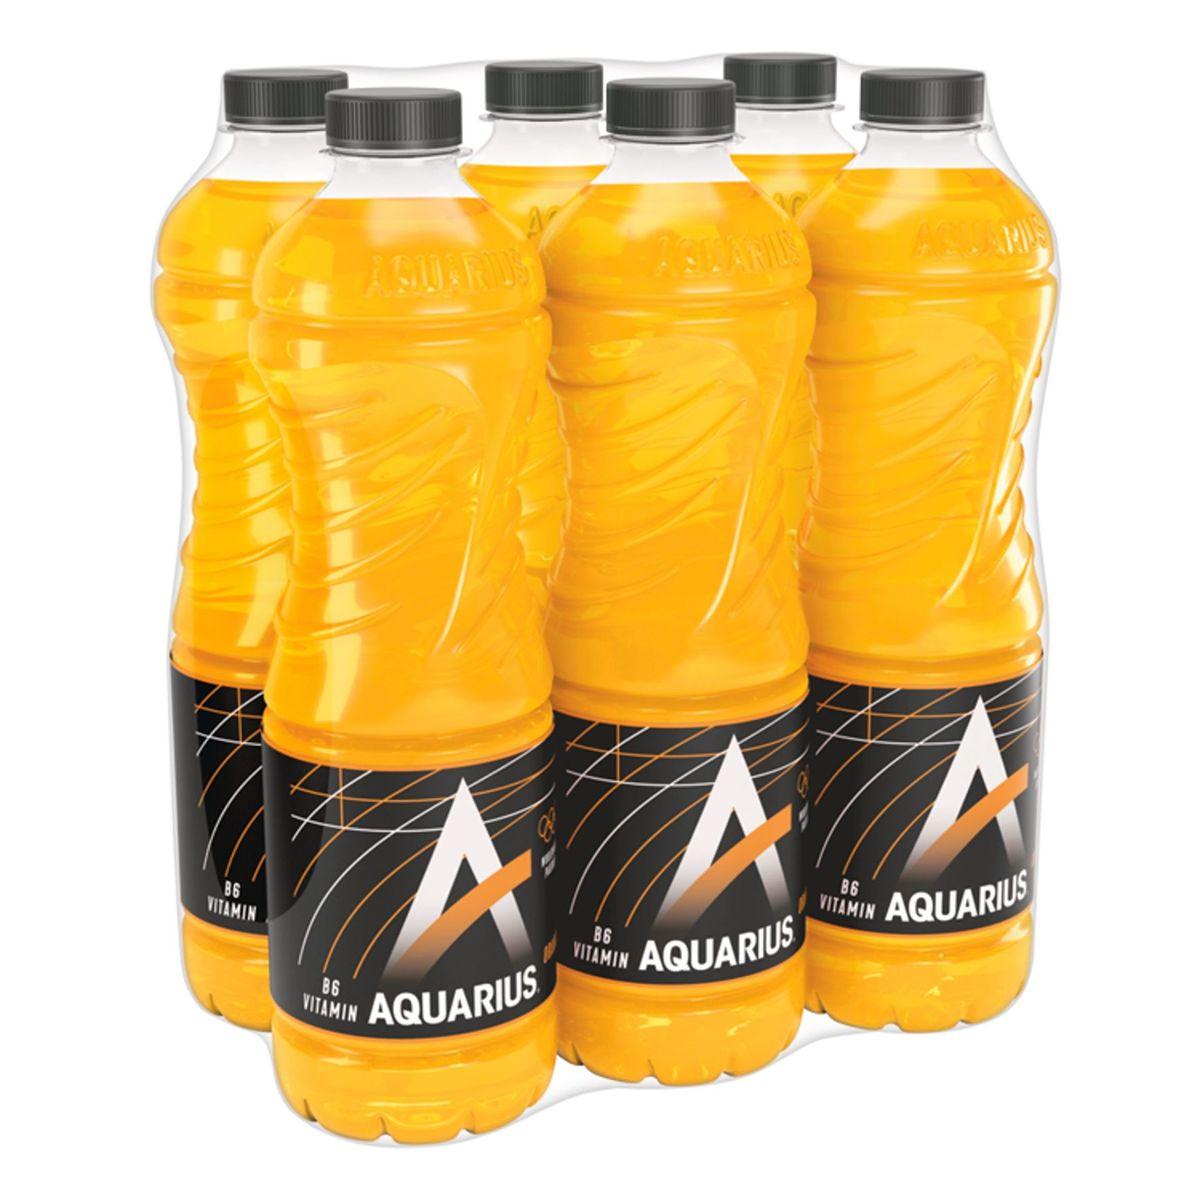 Aquarius Orange Economy Pack 6 x 1.5 L